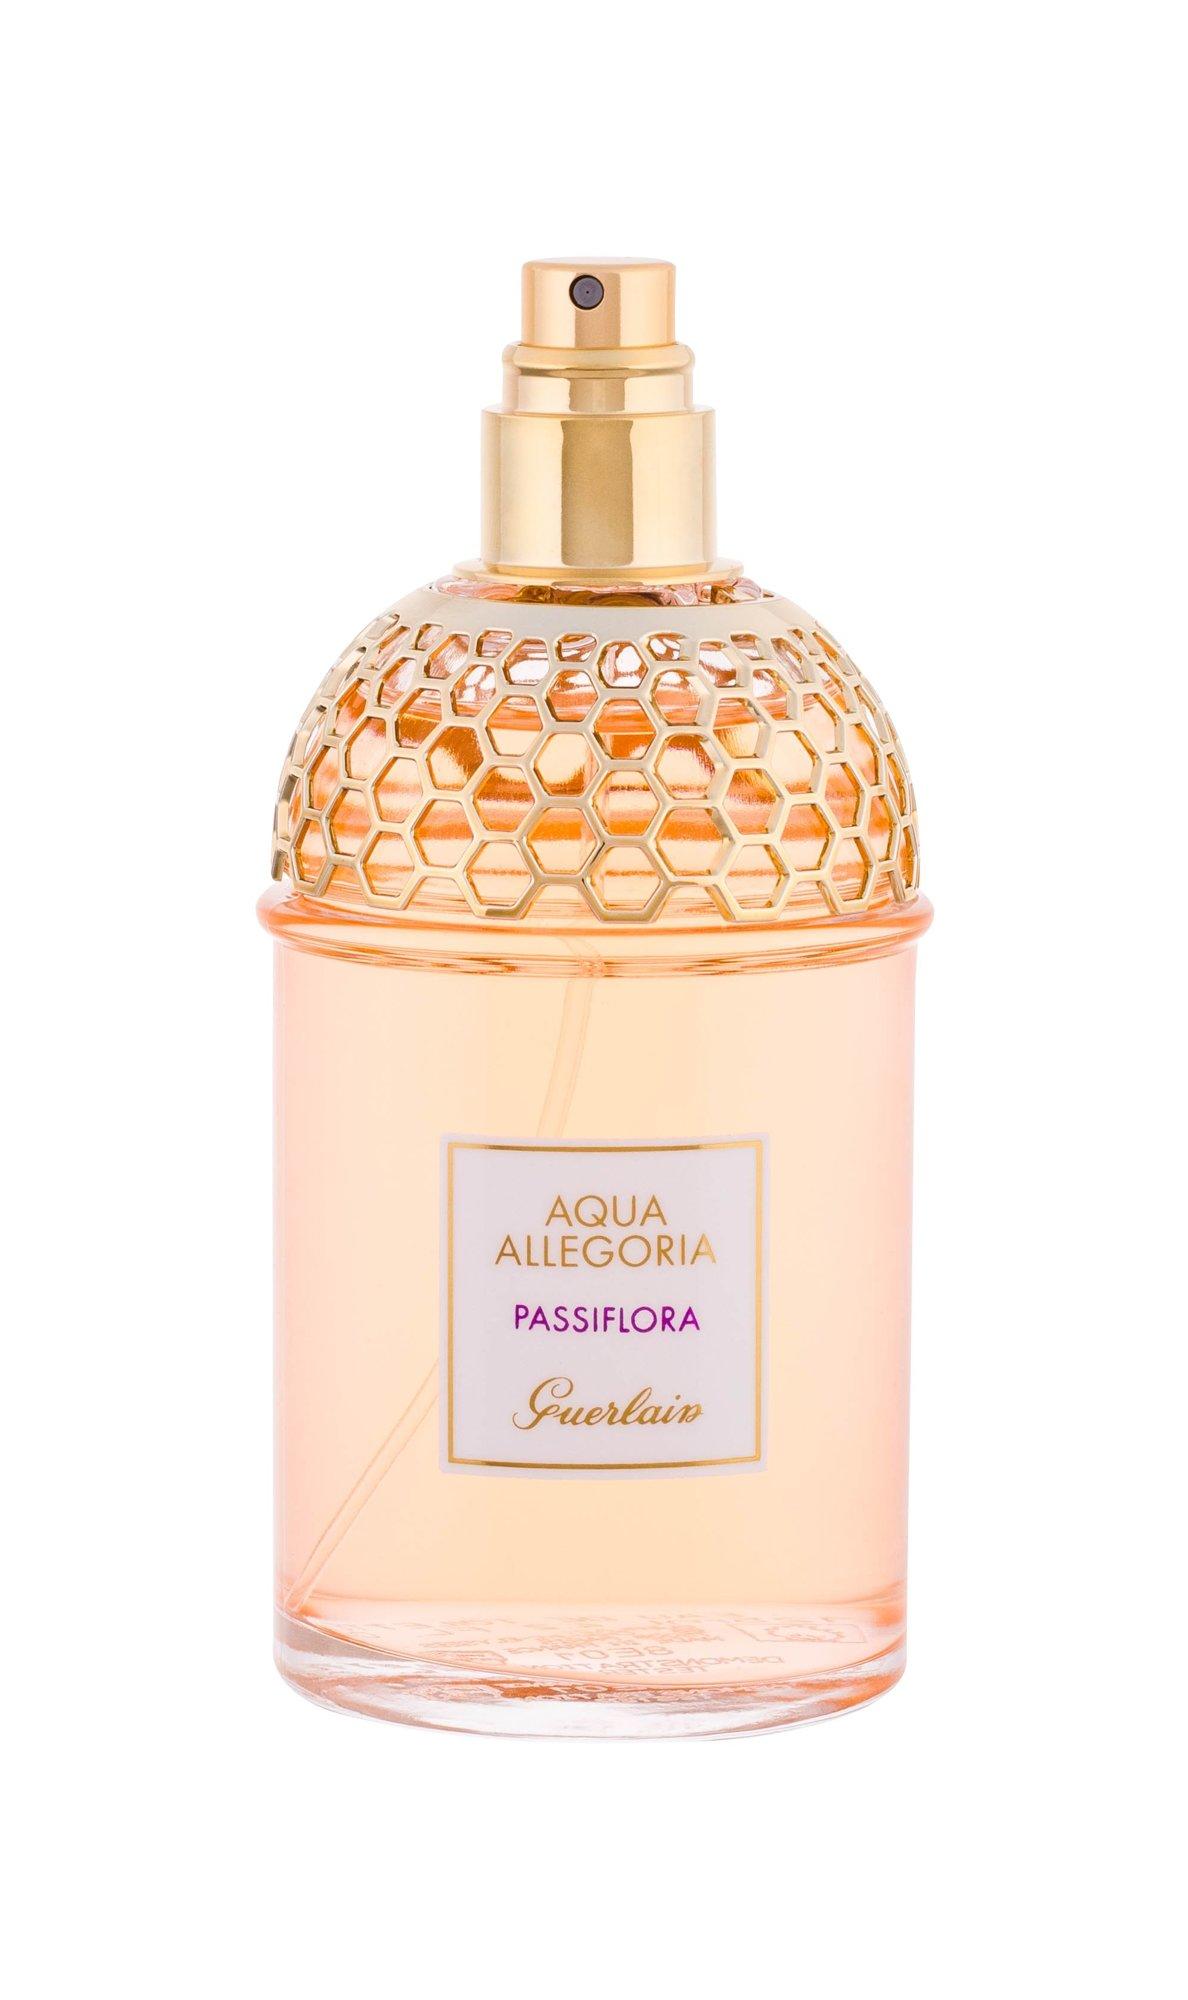 Guerlain Aqua Allegoria Passiflora, Toaletná voda 125ml, Tester